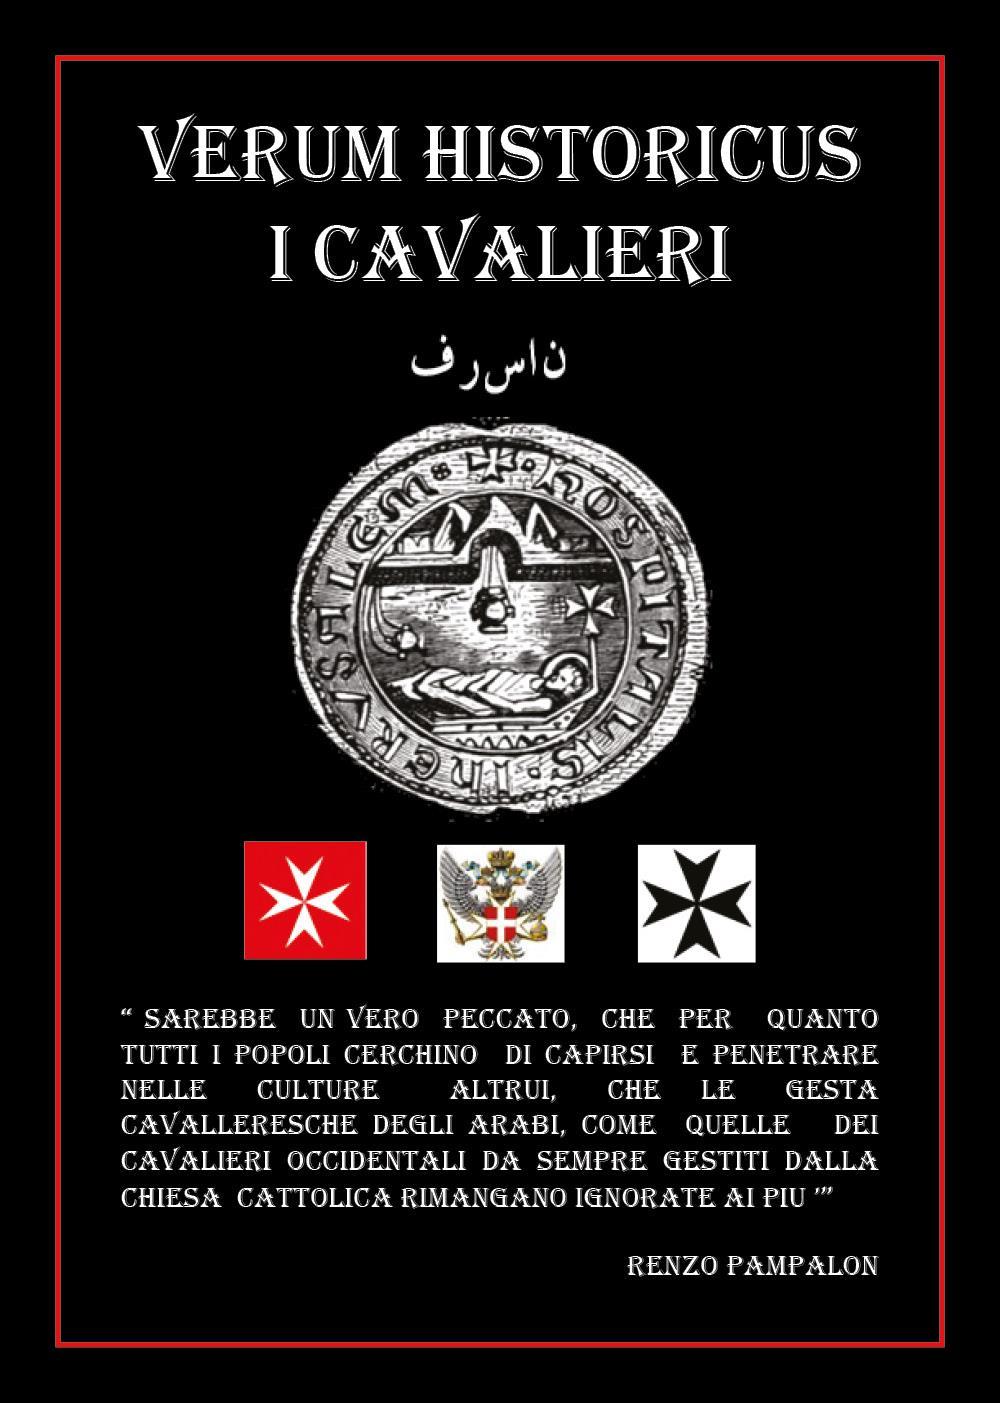 Verum Historicus. I Cavalieri